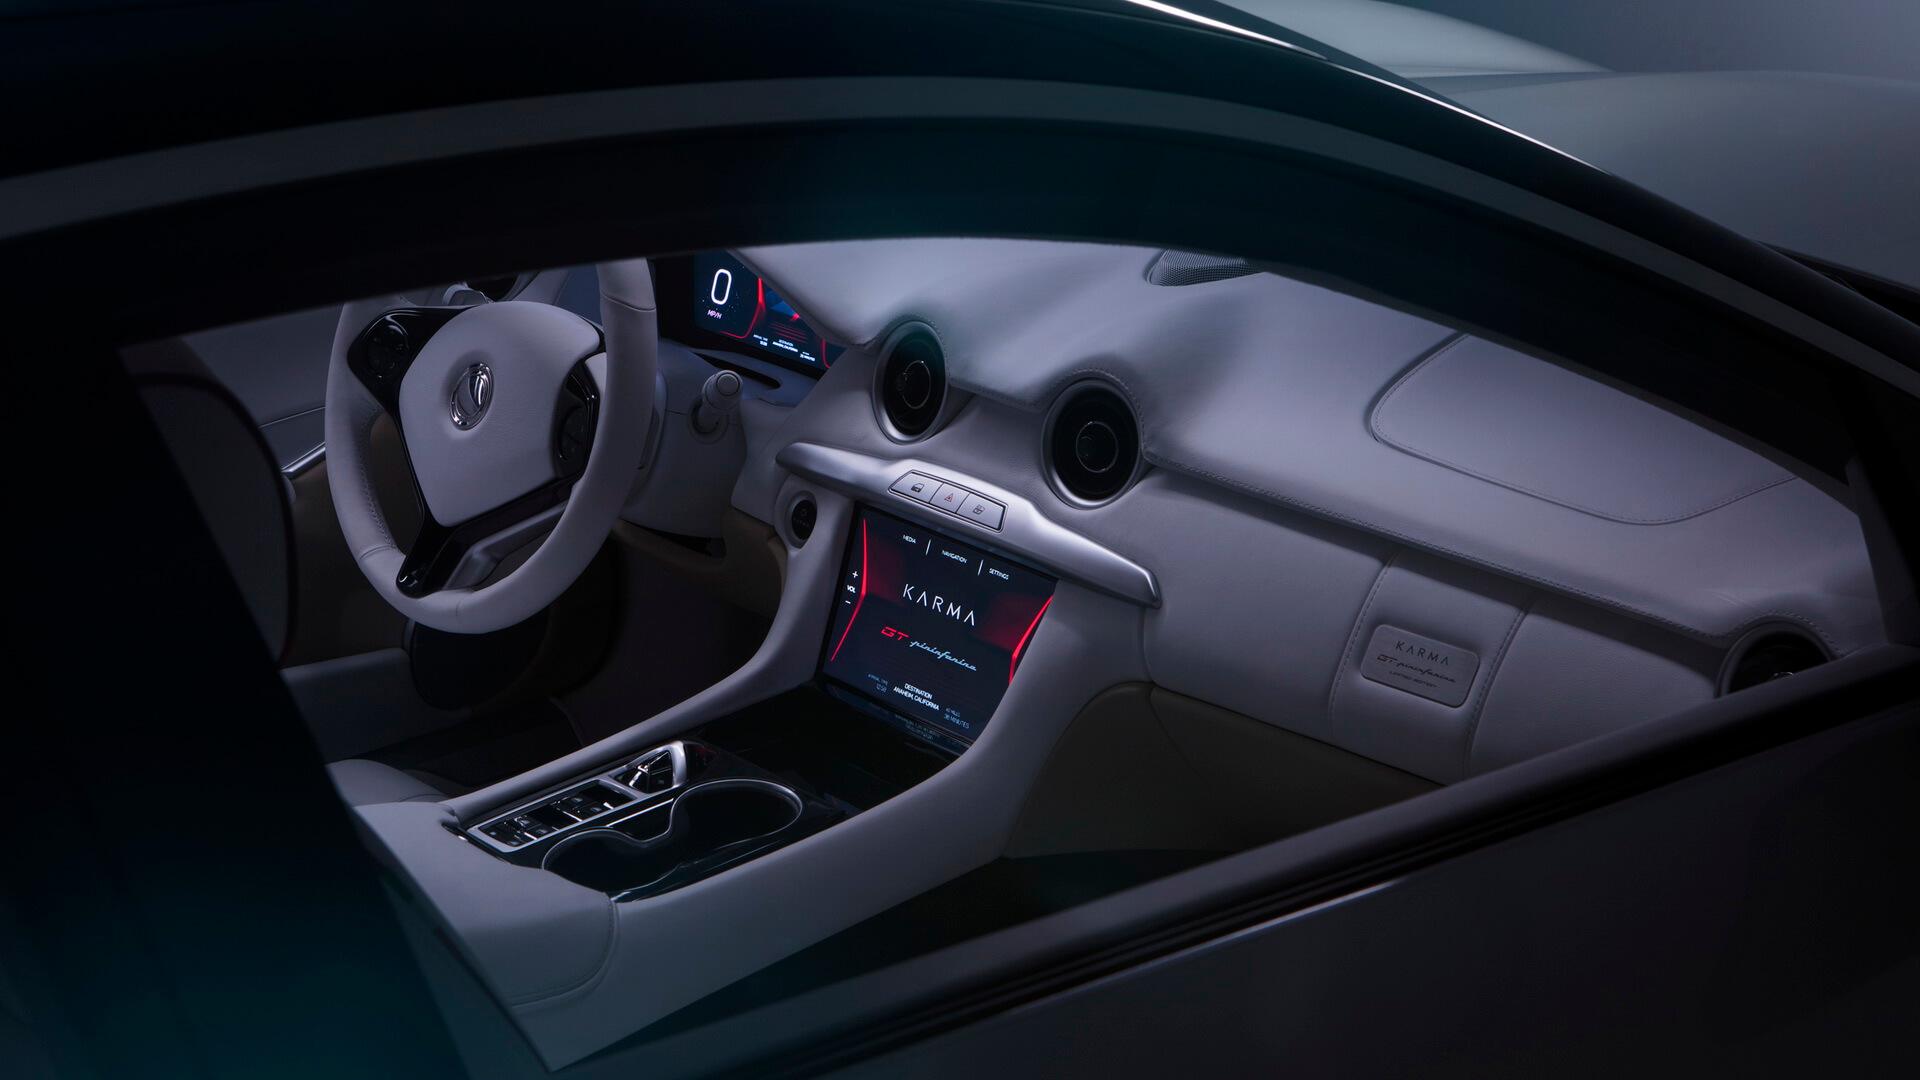 Интерьер салона плагин-гибрида Karma Pininfarina GT